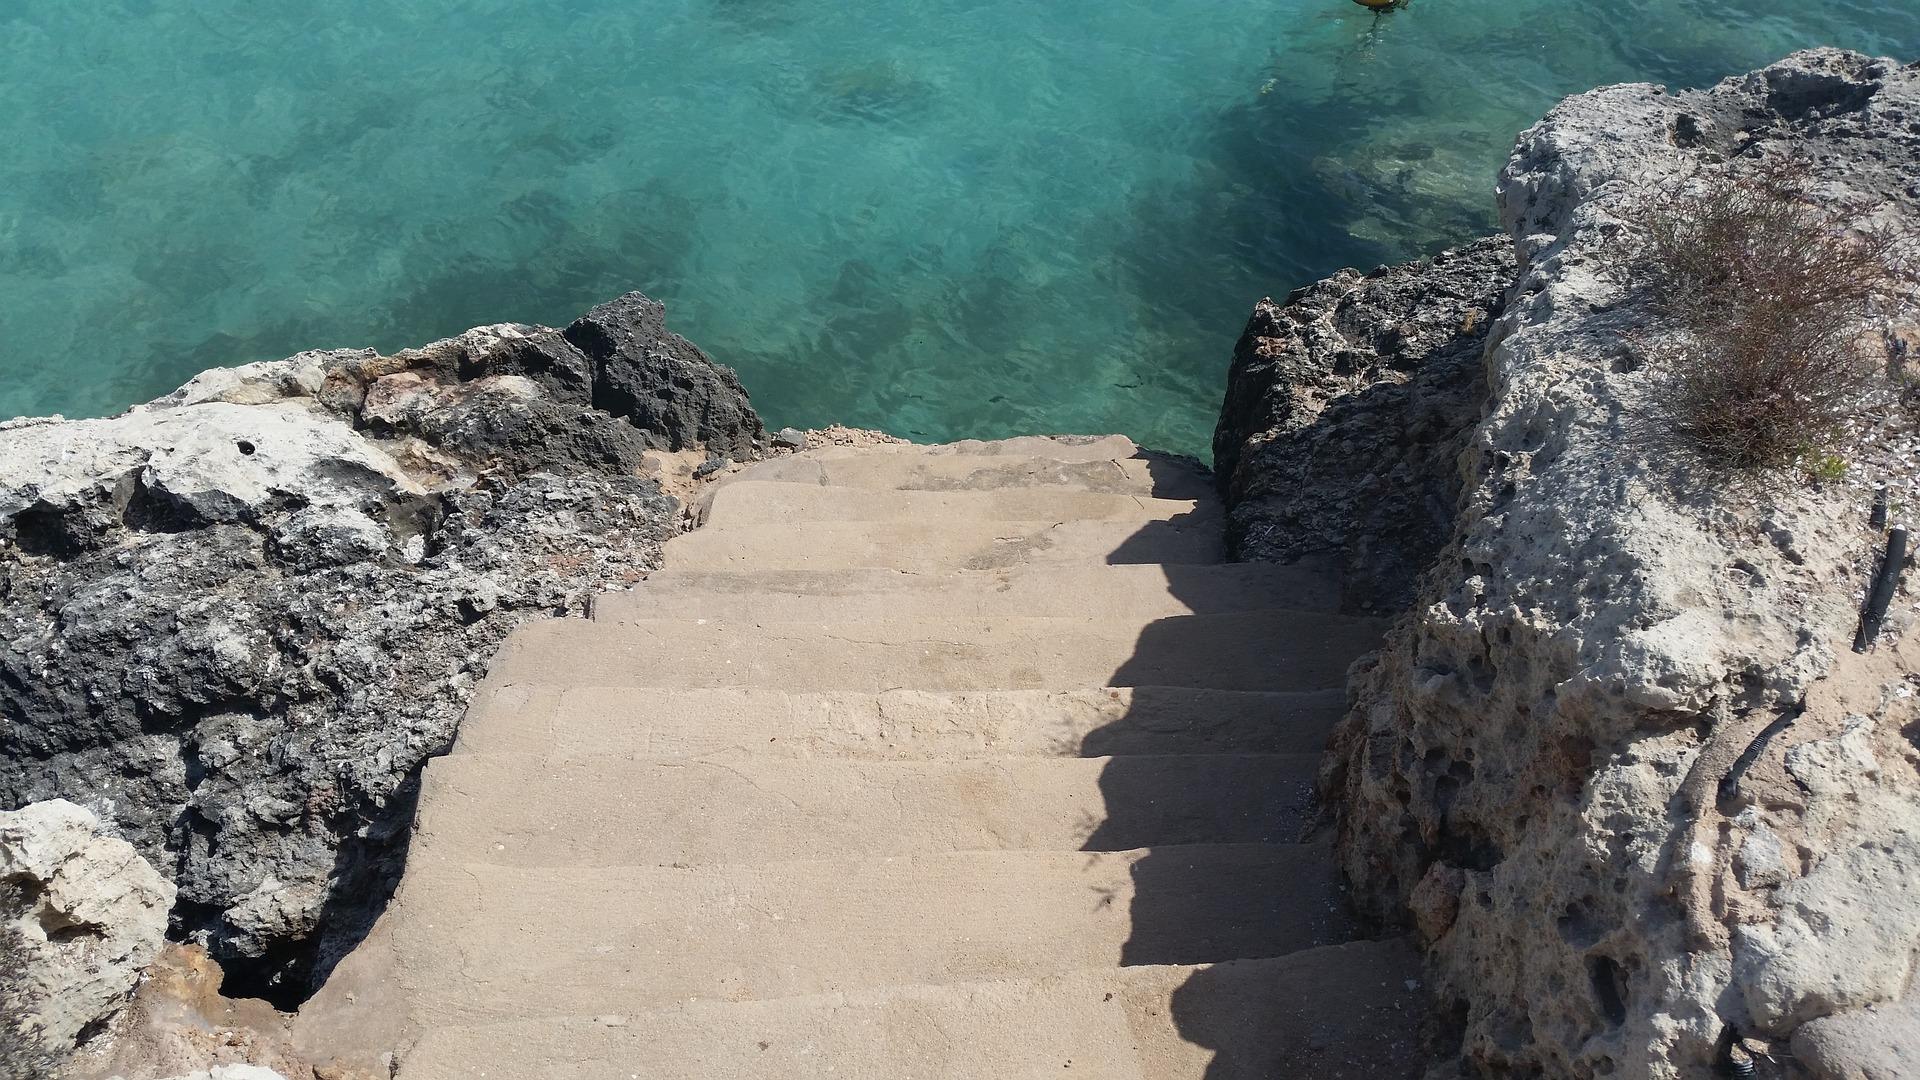 Falls Ihr an einer Klippe seid keine Sorge an der einen oder anderen Stelle kann man auch von hier aus in das Meer